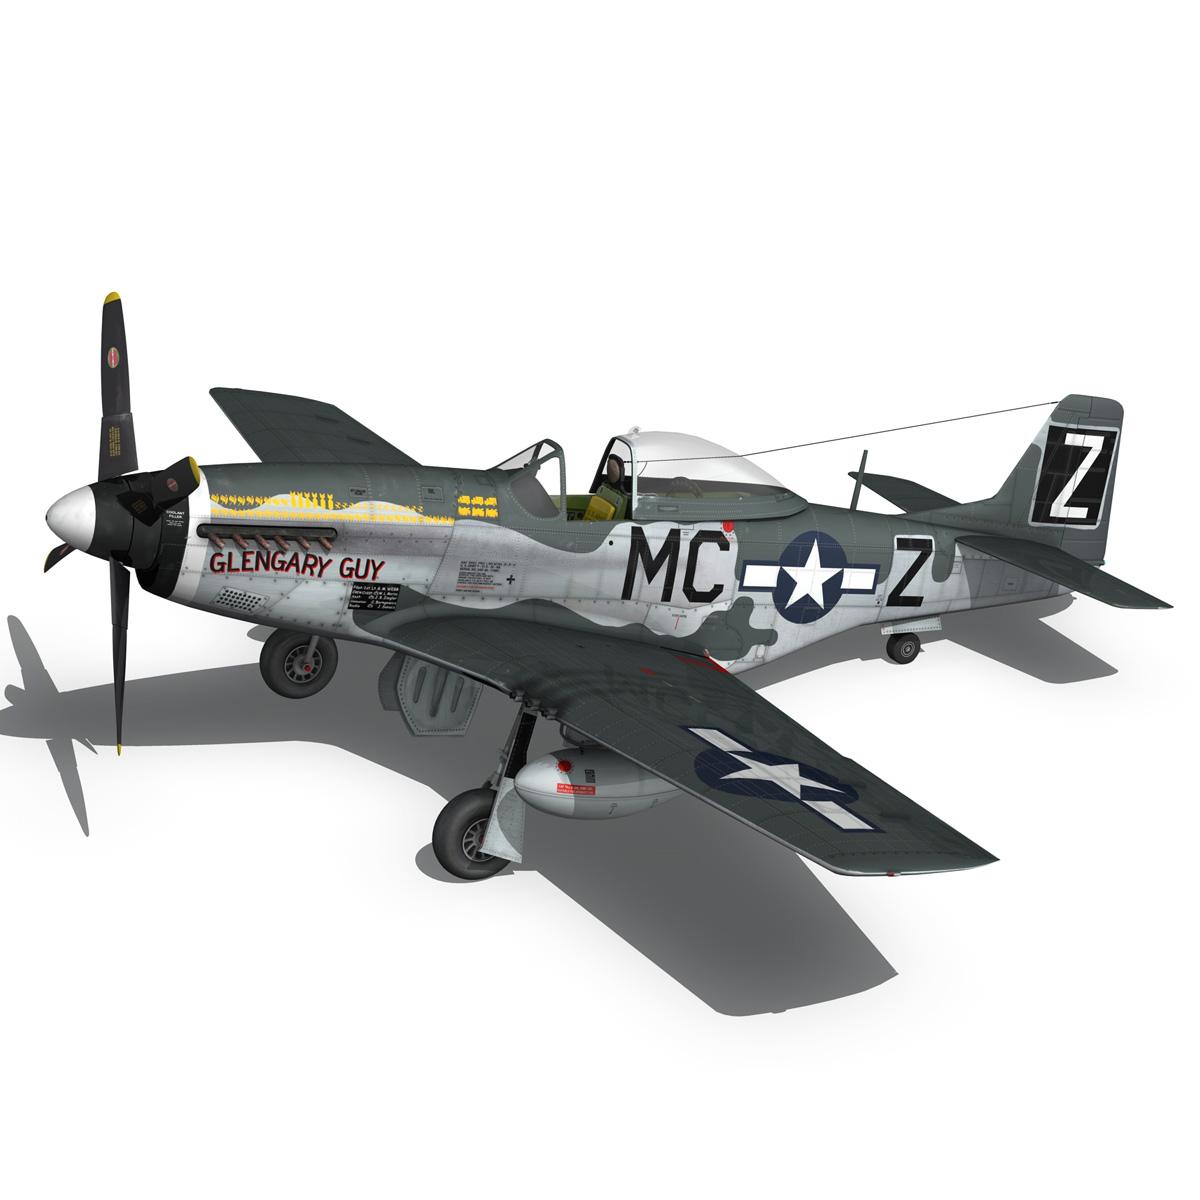 north american p-51d mustang – glengary guy 3d model fbx c4d lwo obj 267526